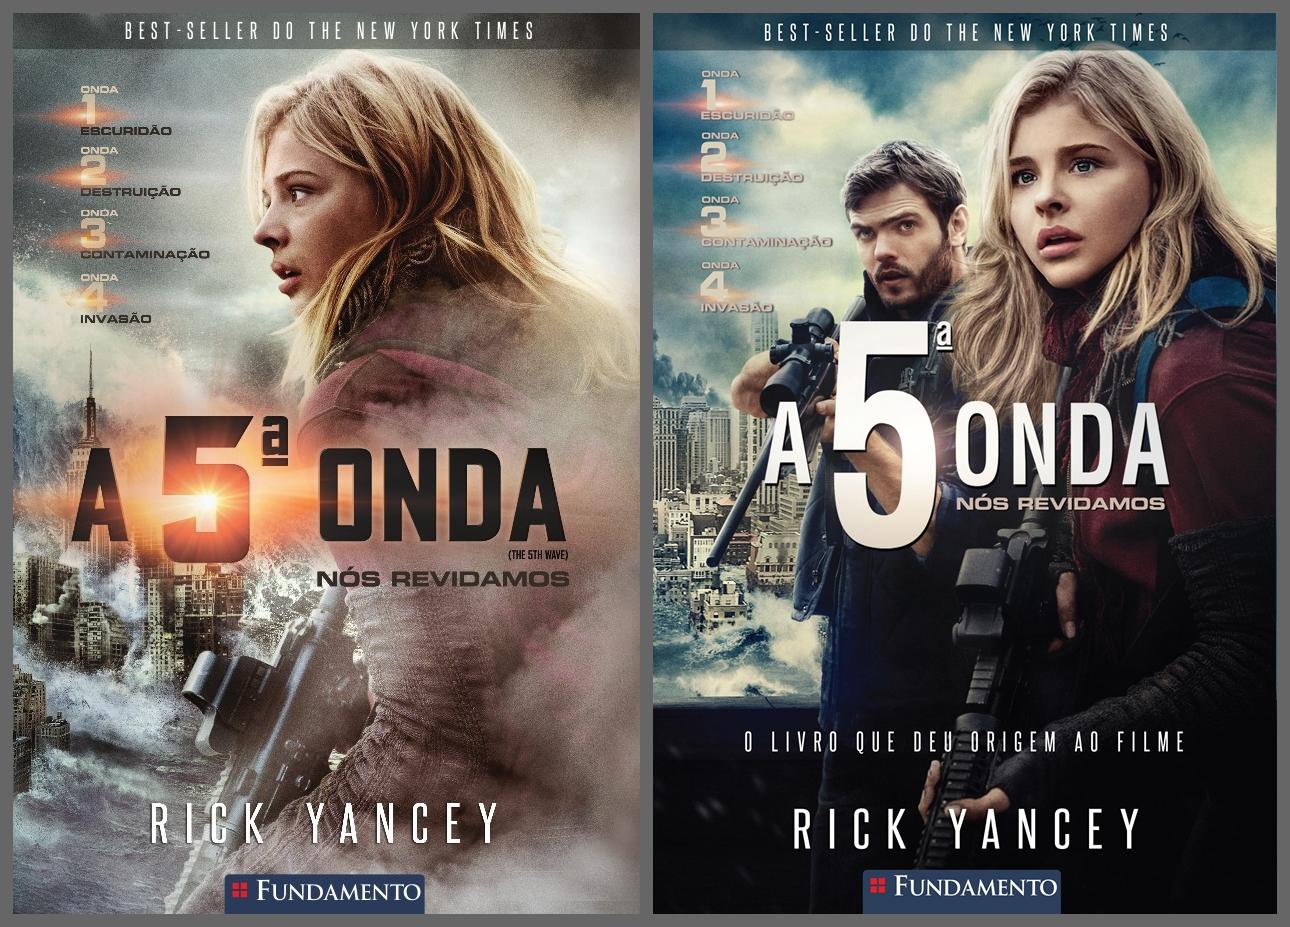 A 5ª Onda Estreia Do Filme E Edicao Especial Do Livro